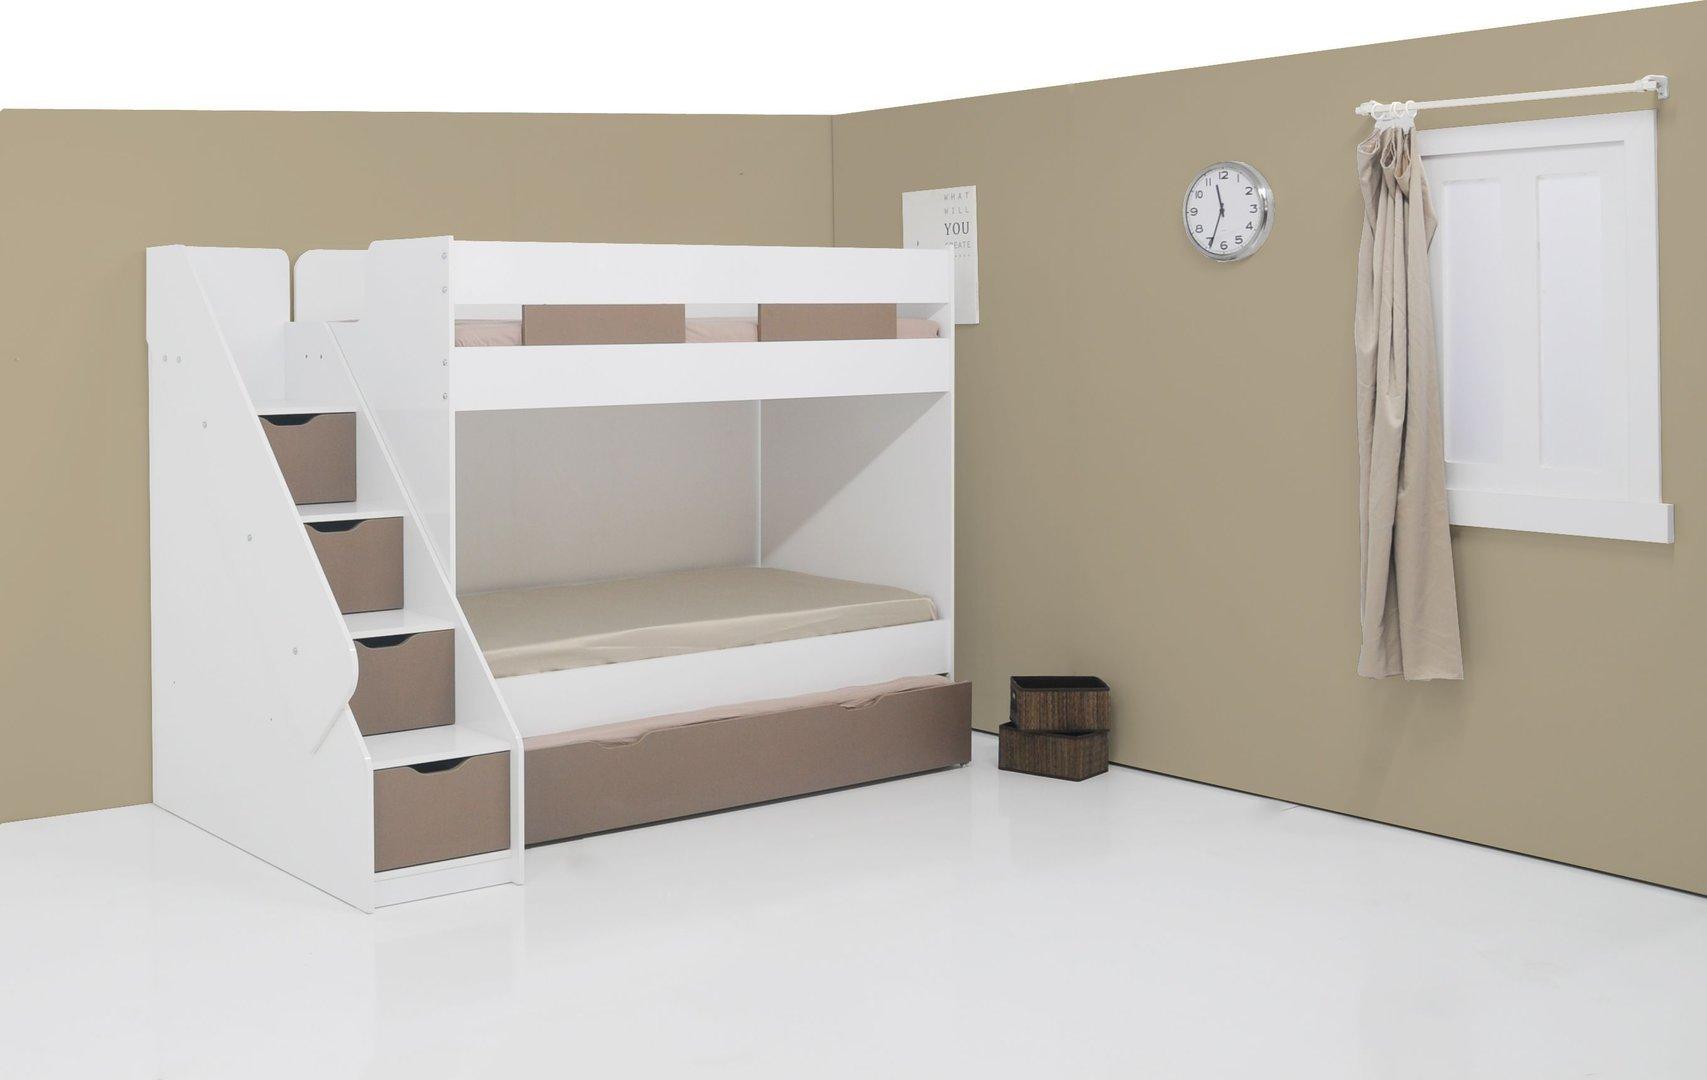 Etagenbett Klein : Ticaa einhÄngeregal fÜr hochbett etagenbett kiefer weiß klein mit